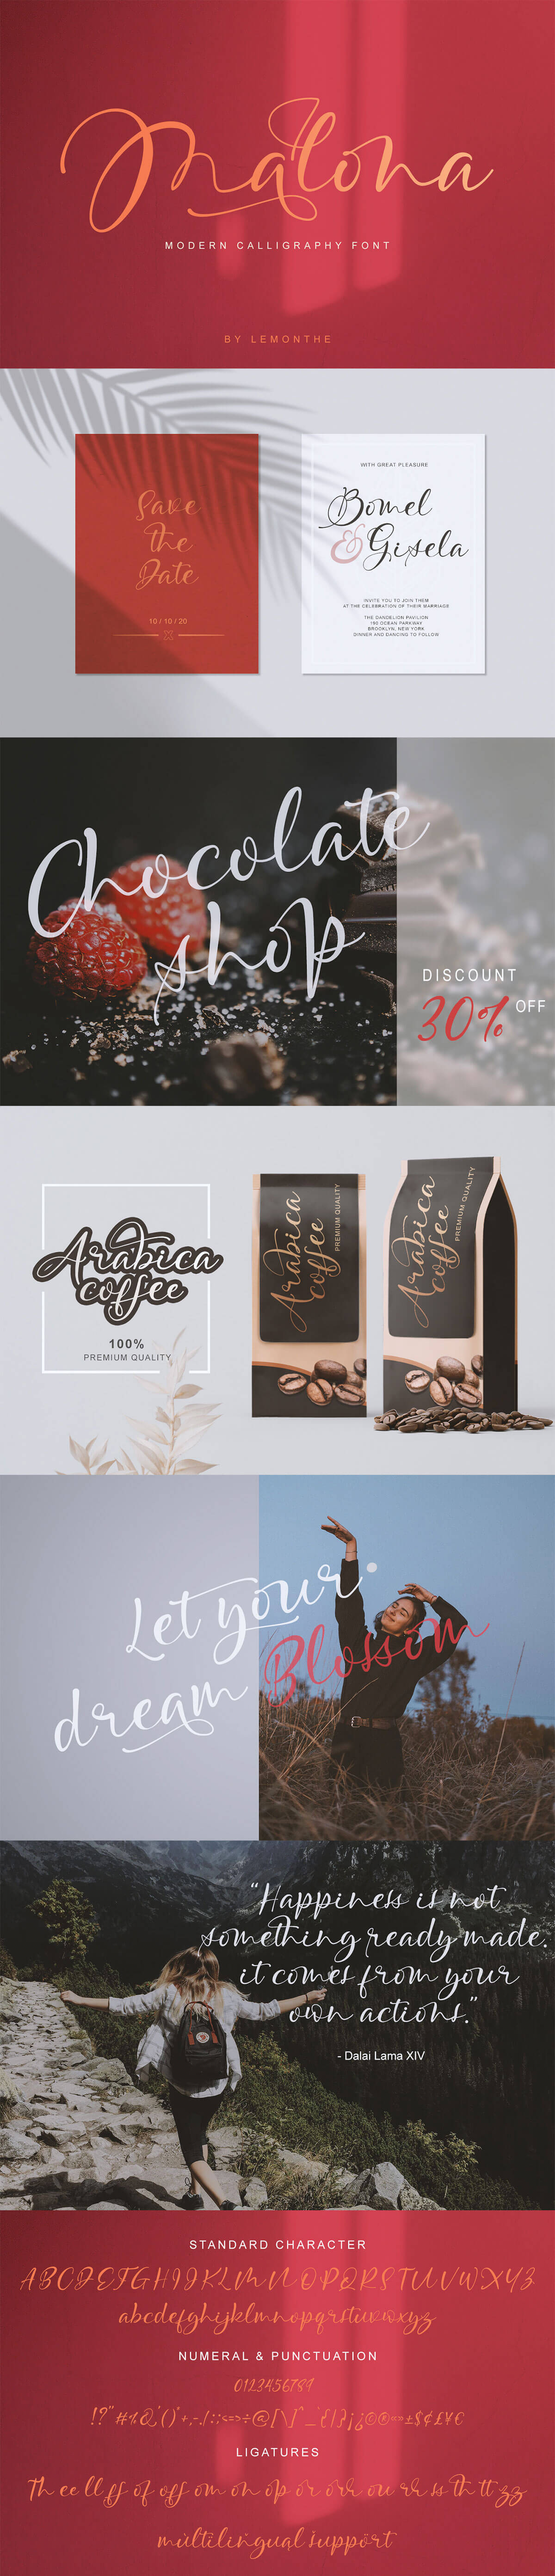 Free Malona Calligraphy Font